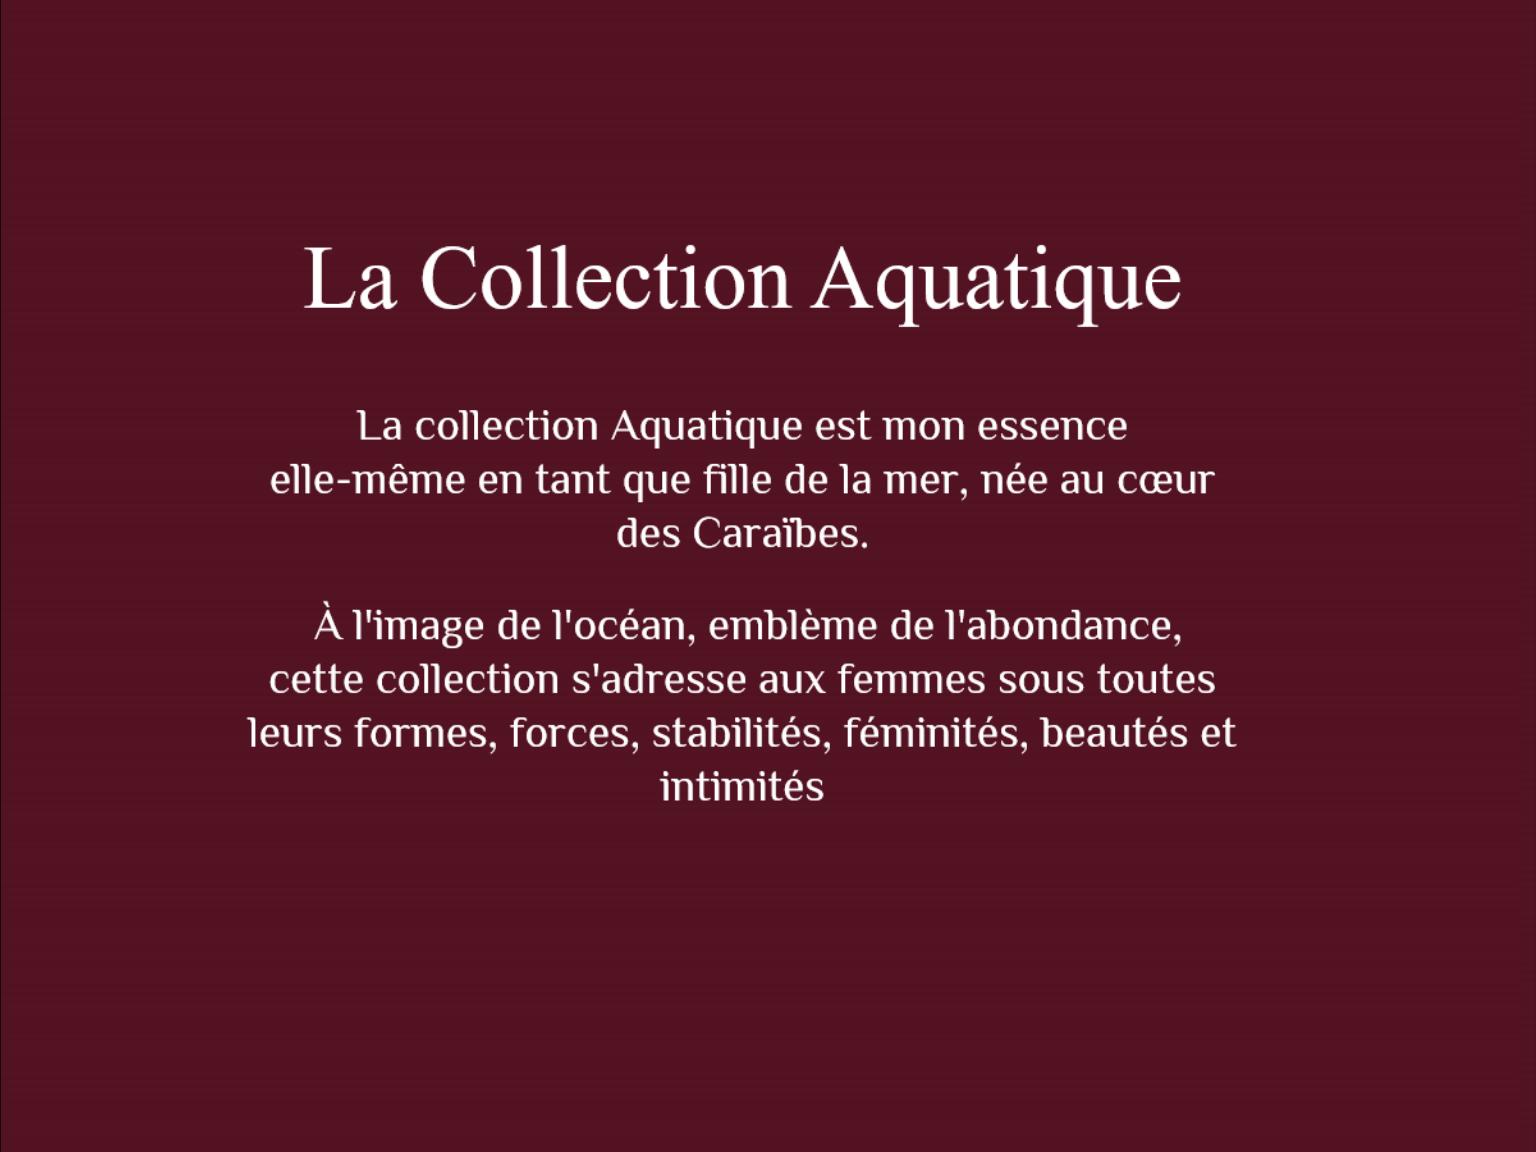 La collection aquatique 11